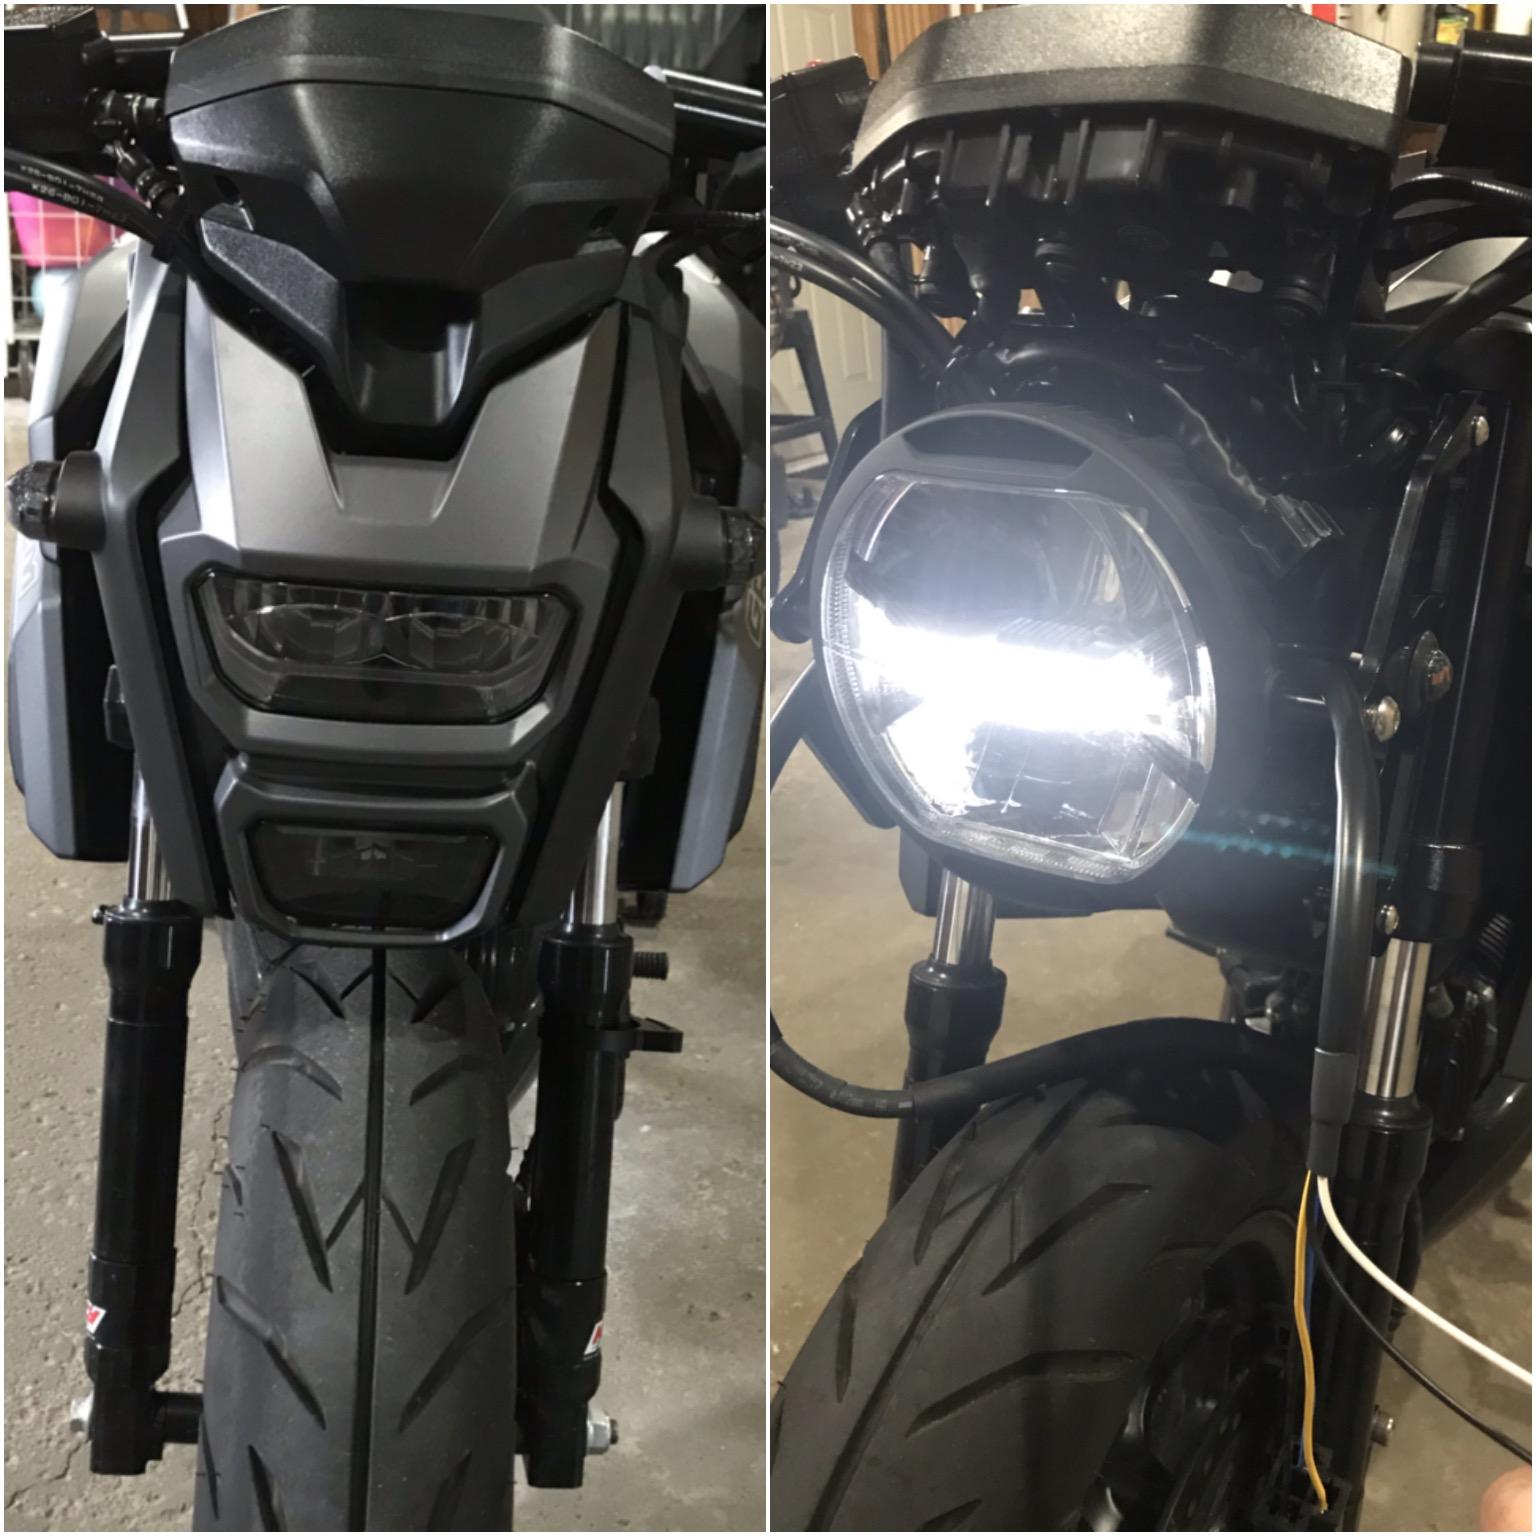 Koso Thunderbolt Headlight-41512cec-97a2-445f-976a-5f8f197544a3_1558089199575.jpeg